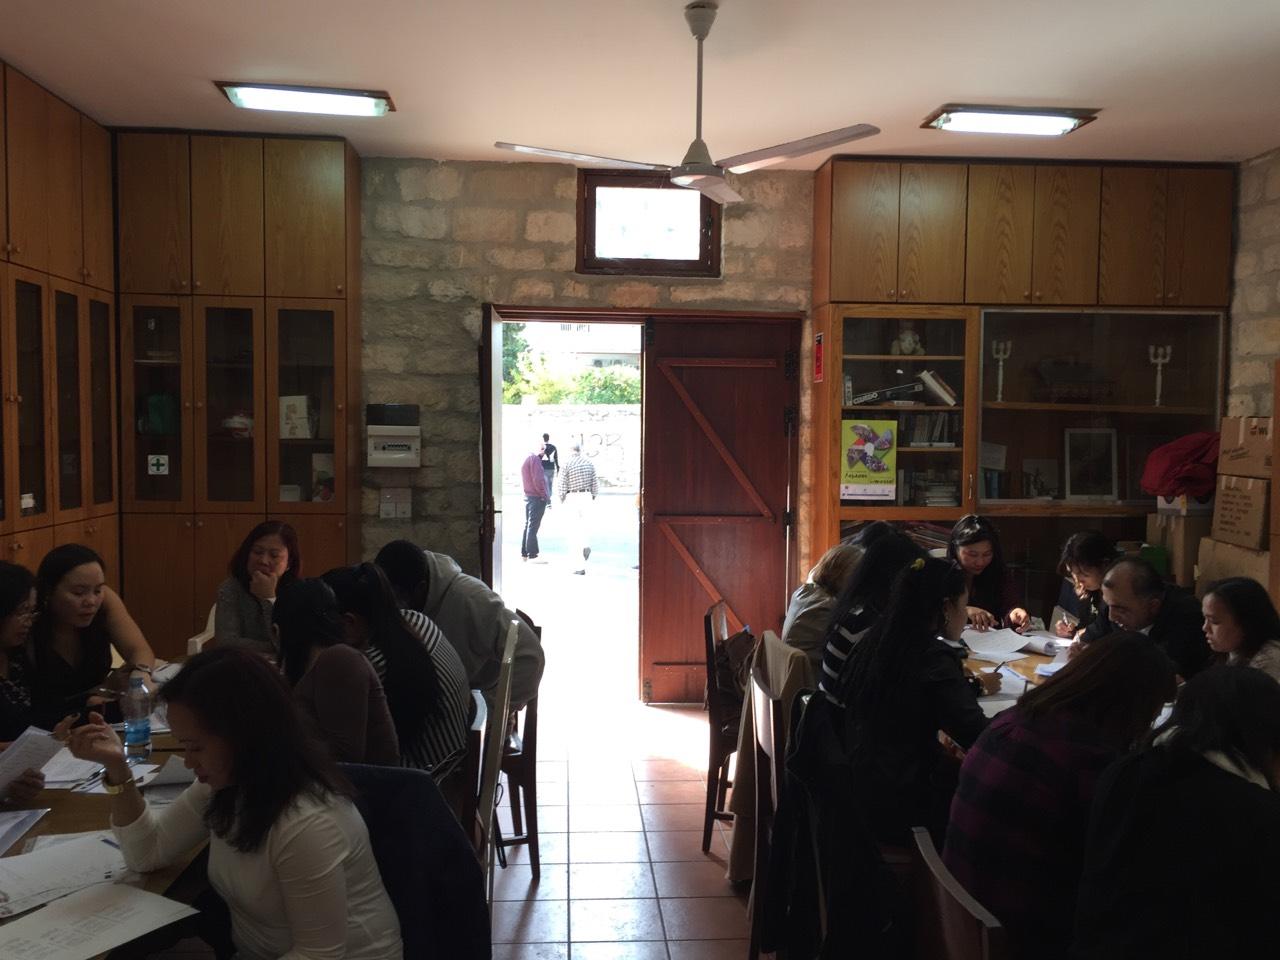 Μαθήματα πολιτισμού και γνωριμίας με την τοπική κοινωνία – Δήμος Λεμεσού